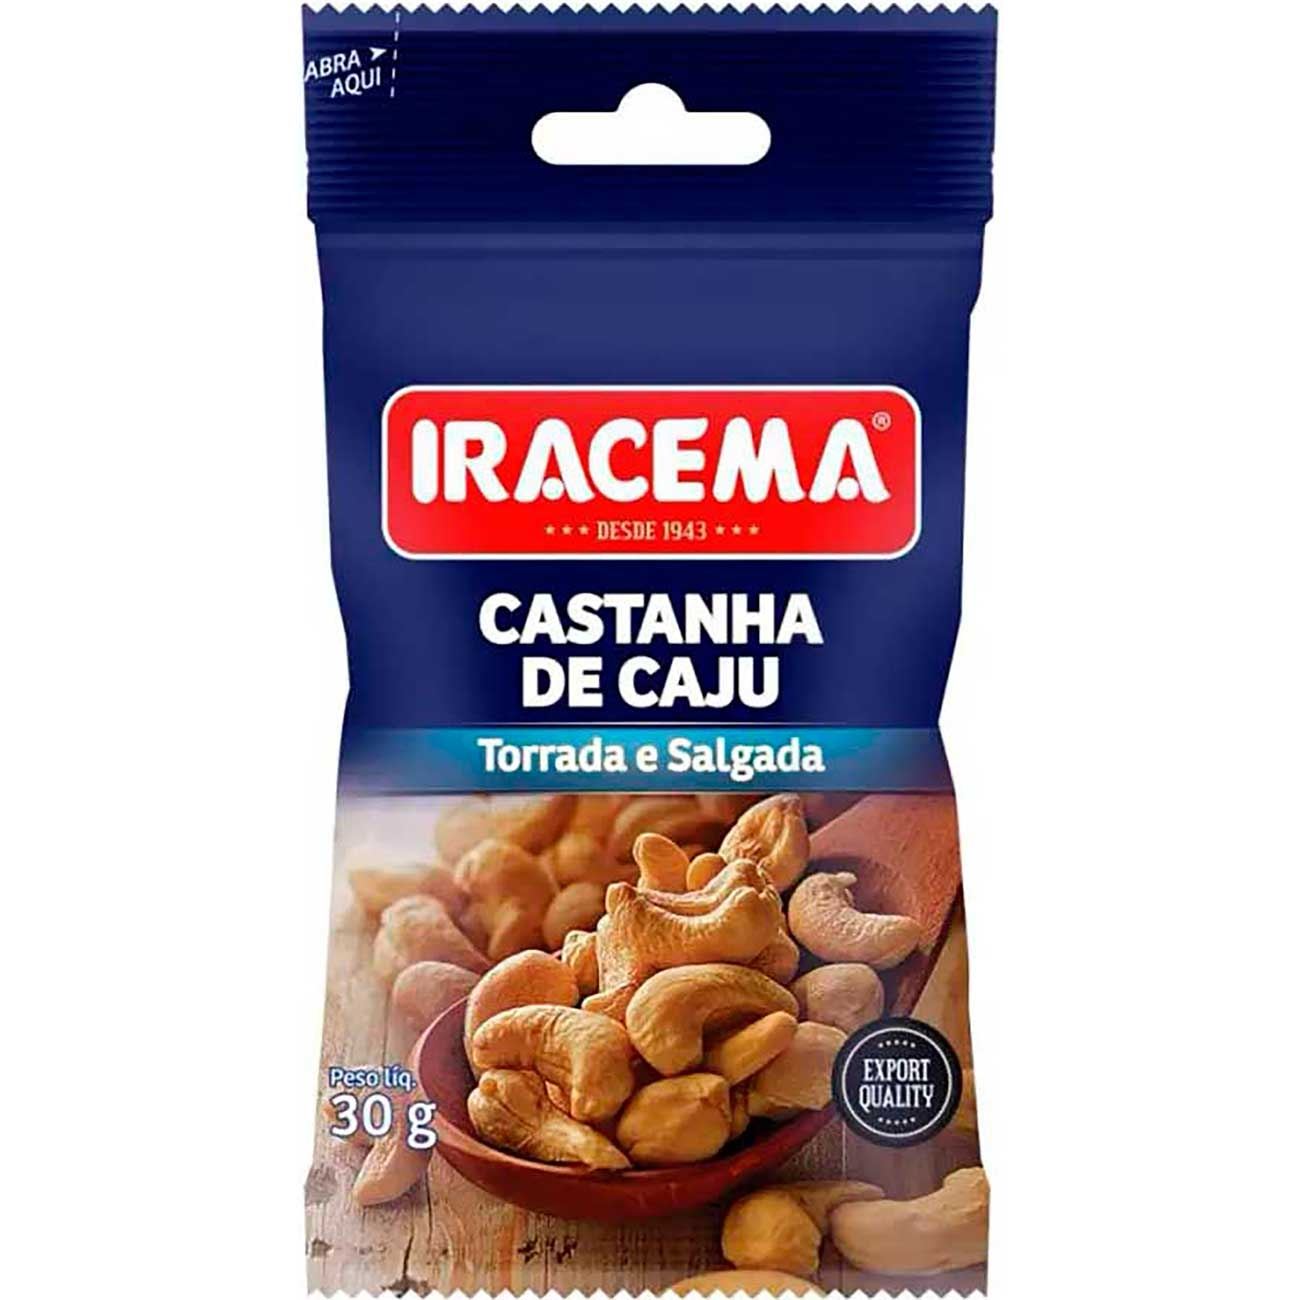 Castanha De Caju Iracema Sach� 30g   Caixa com 12 unidades